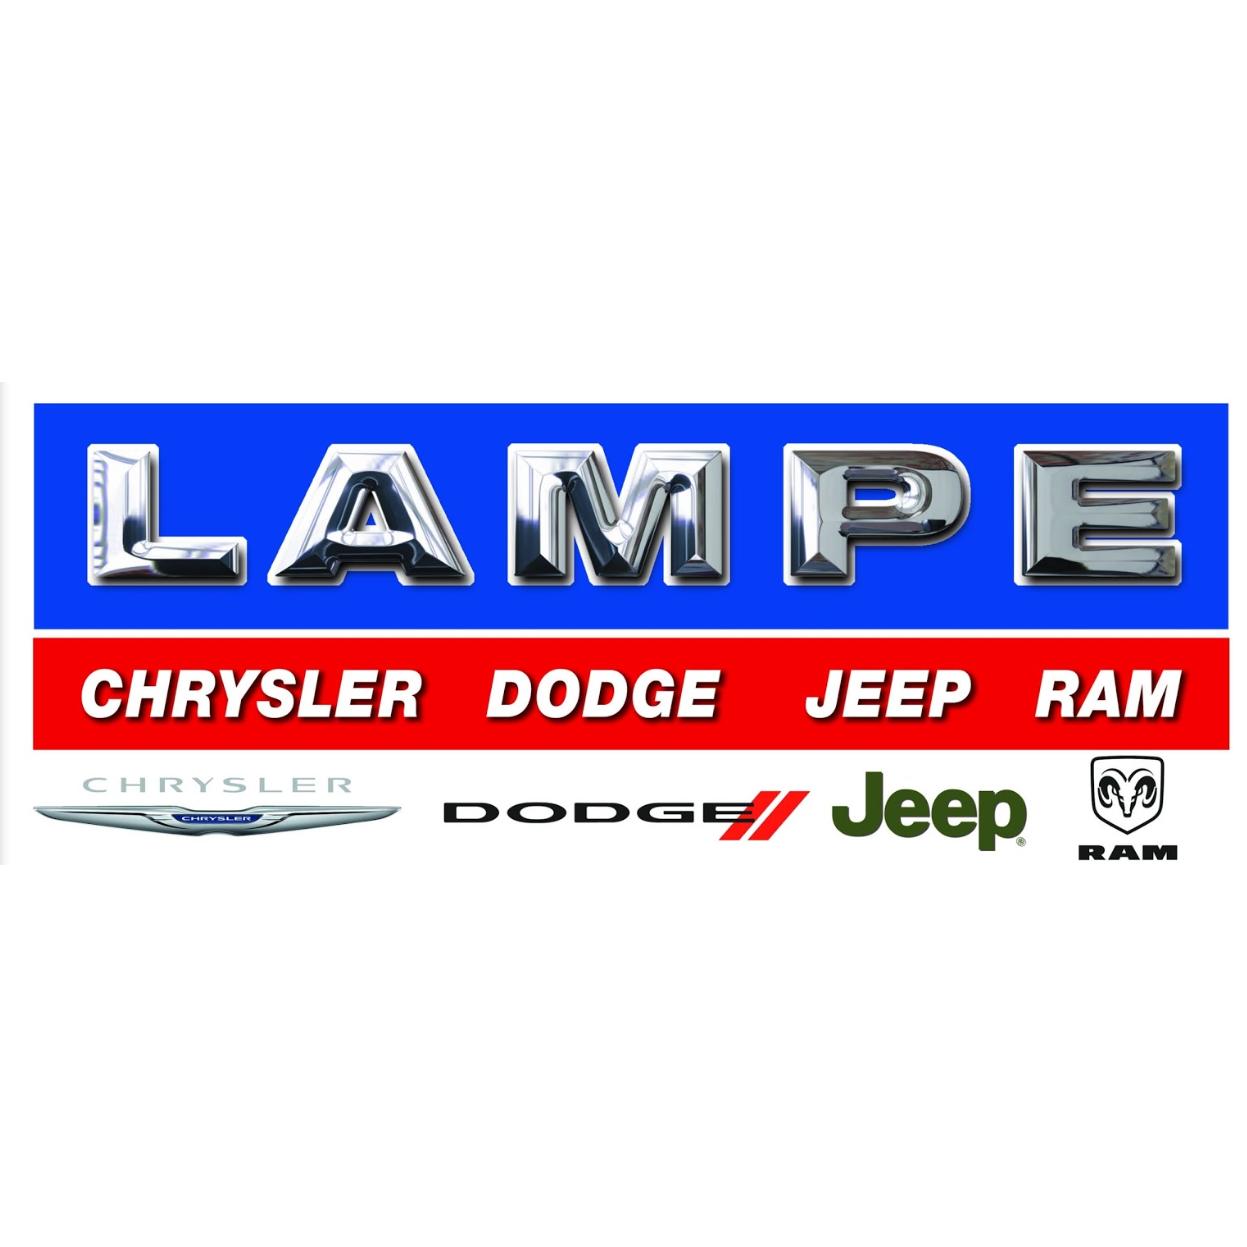 Lampe Chrysler Dodge Jeep Ram FIAT - Visalia, CA - Auto Dealers